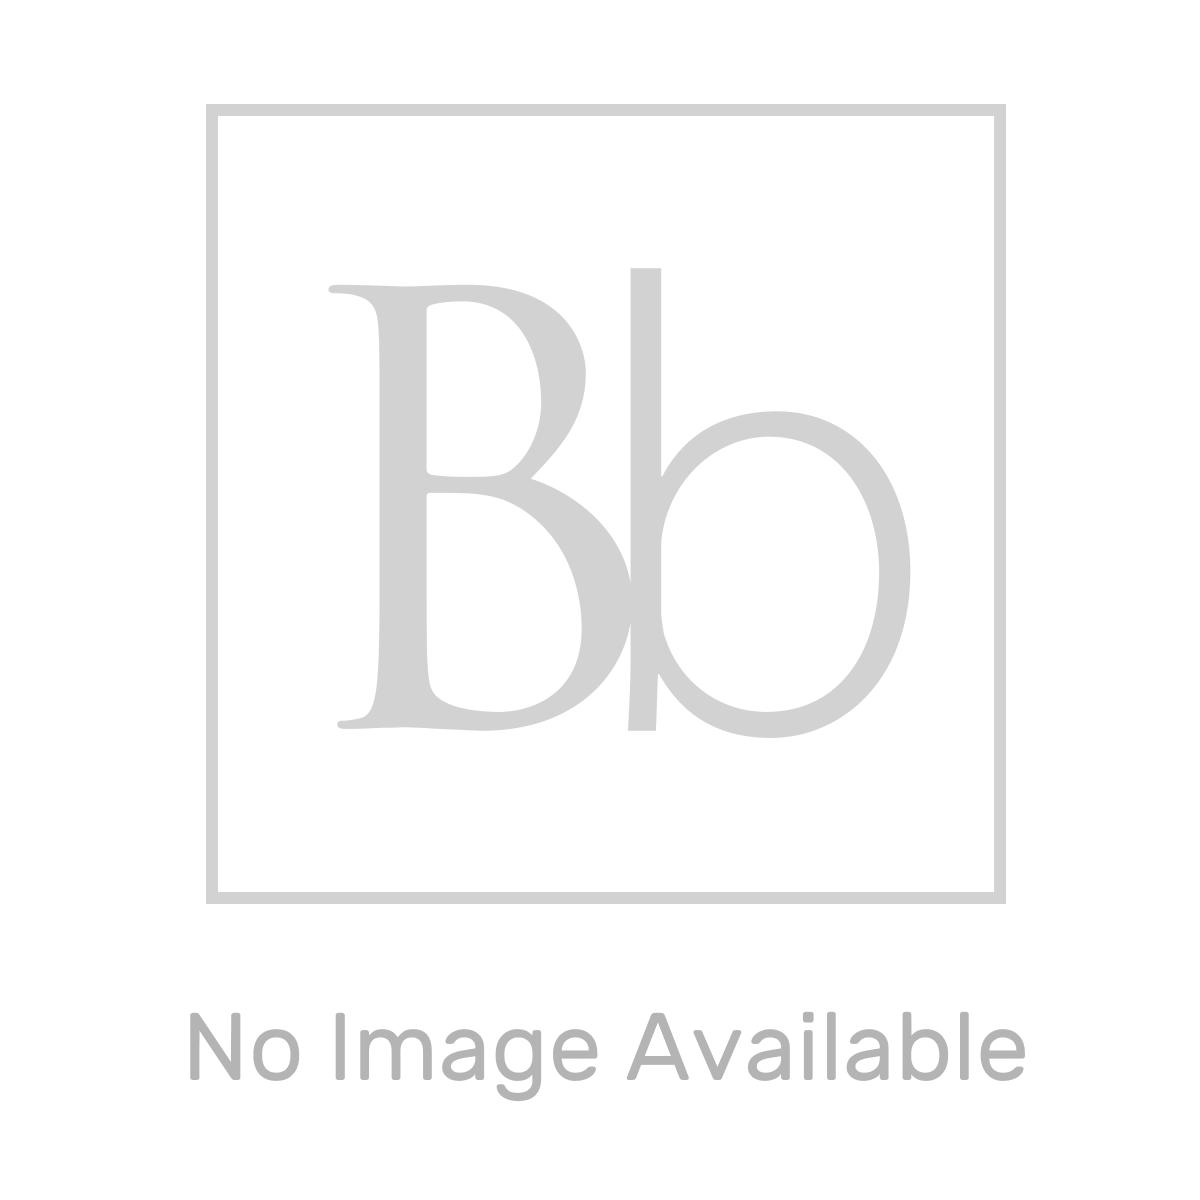 RAK Feeling White Rectangular Shower Tray 1800 x 800mm